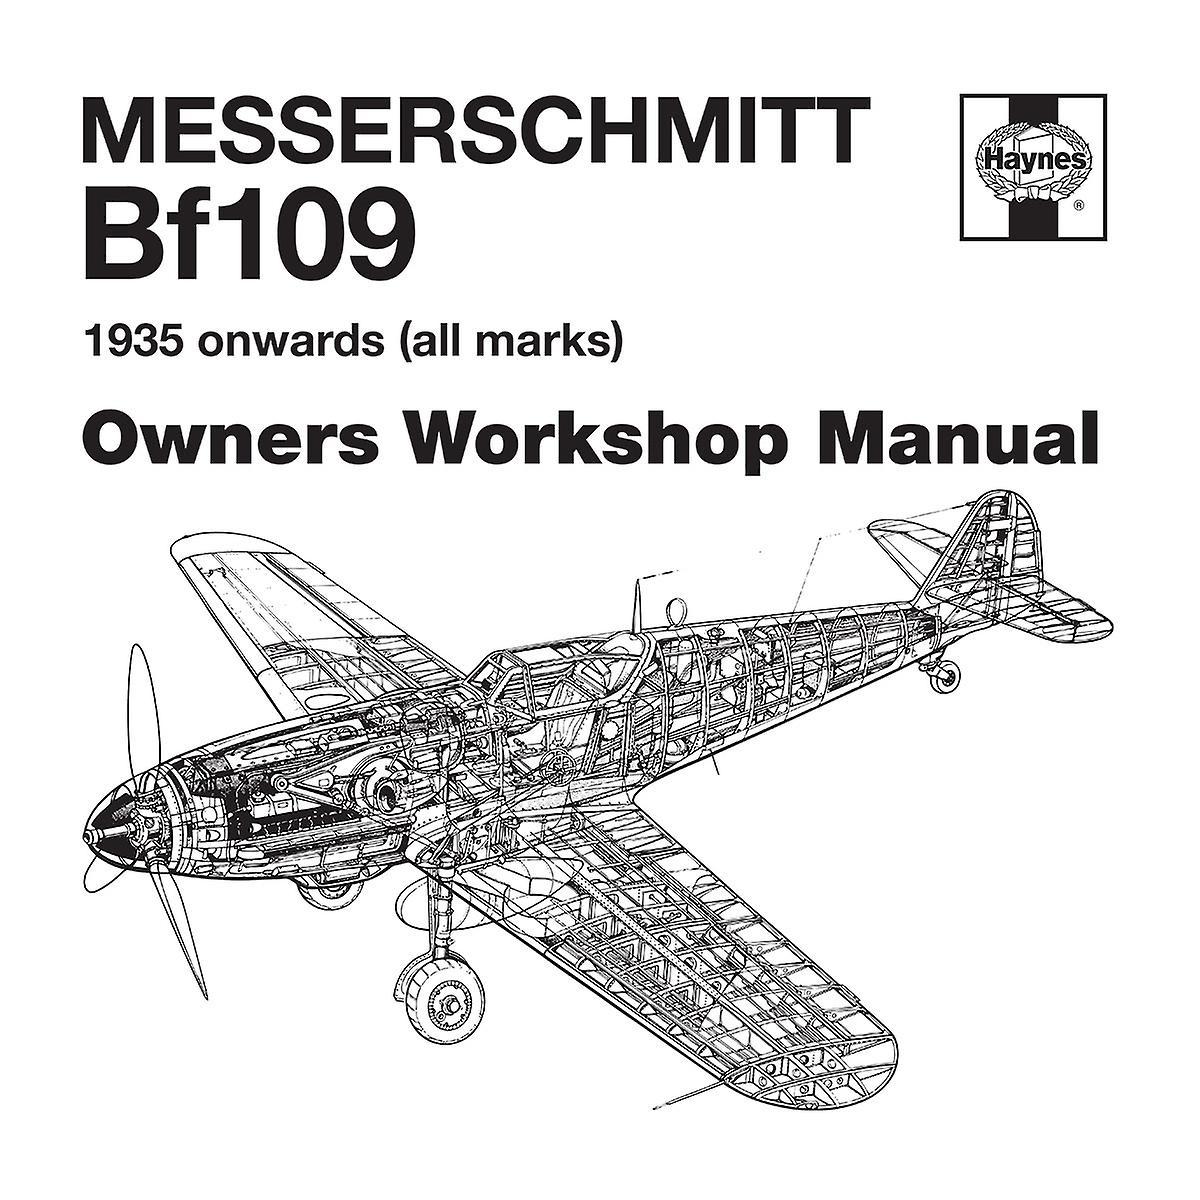 Haynes Owners Workshop Manual Messerschmitt Bf109 Kid's